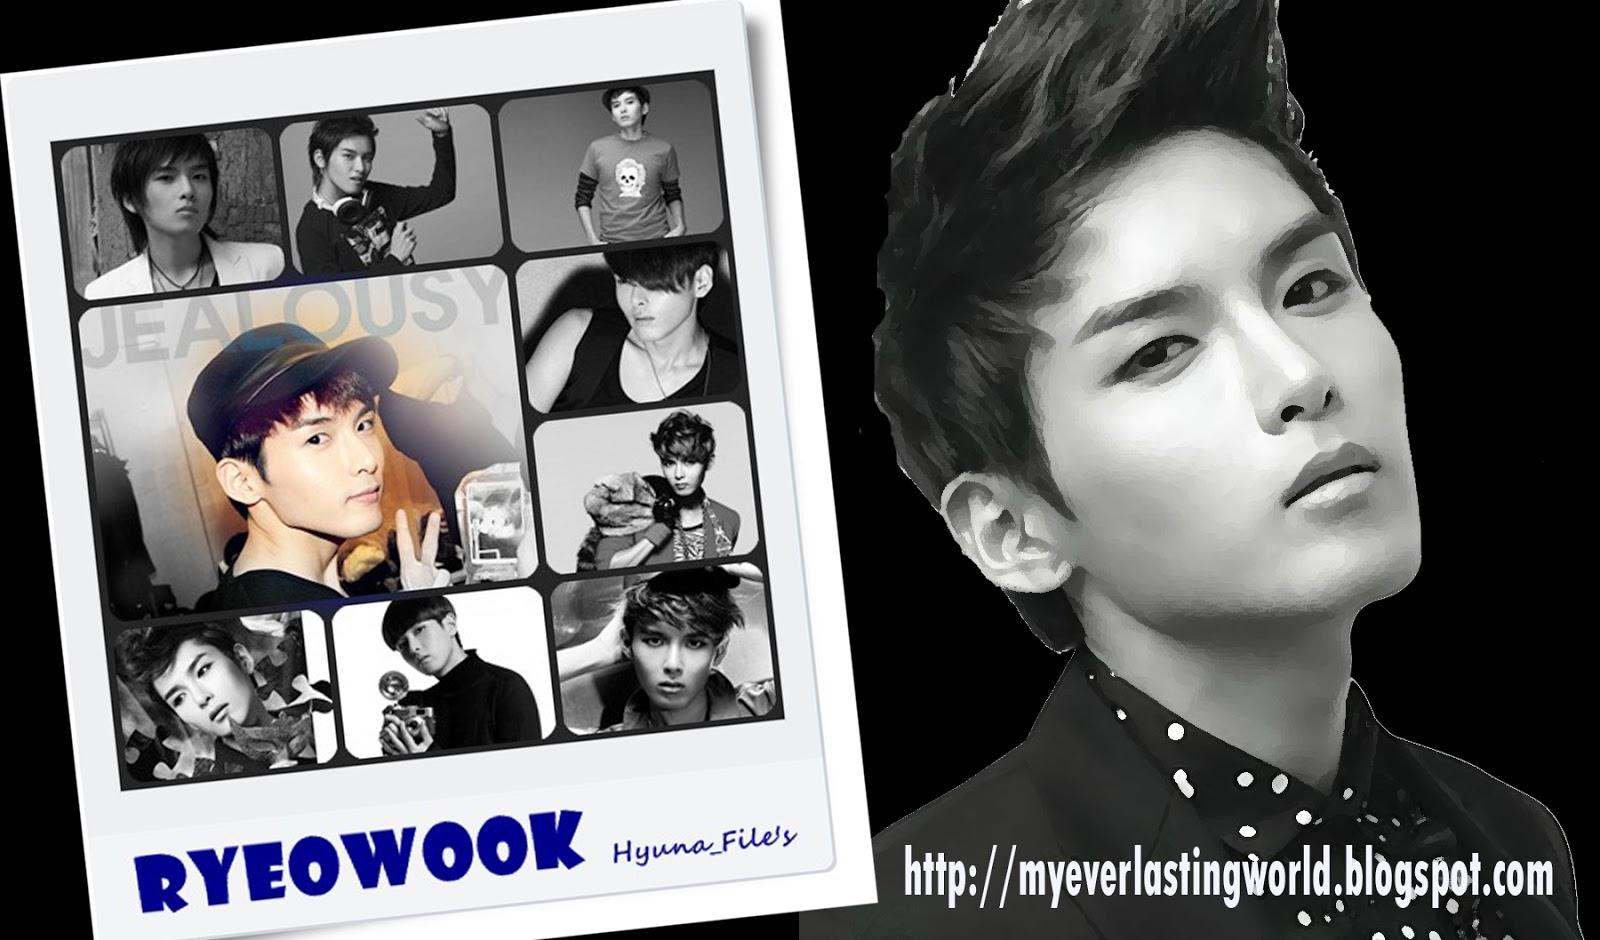 http://1.bp.blogspot.com/-scyqDtw_xjQ/T7ZfdC4GZ7I/AAAAAAAACPc/lOFZ3CxlxkQ/s1600/ryeowook+ps+copy.jpg